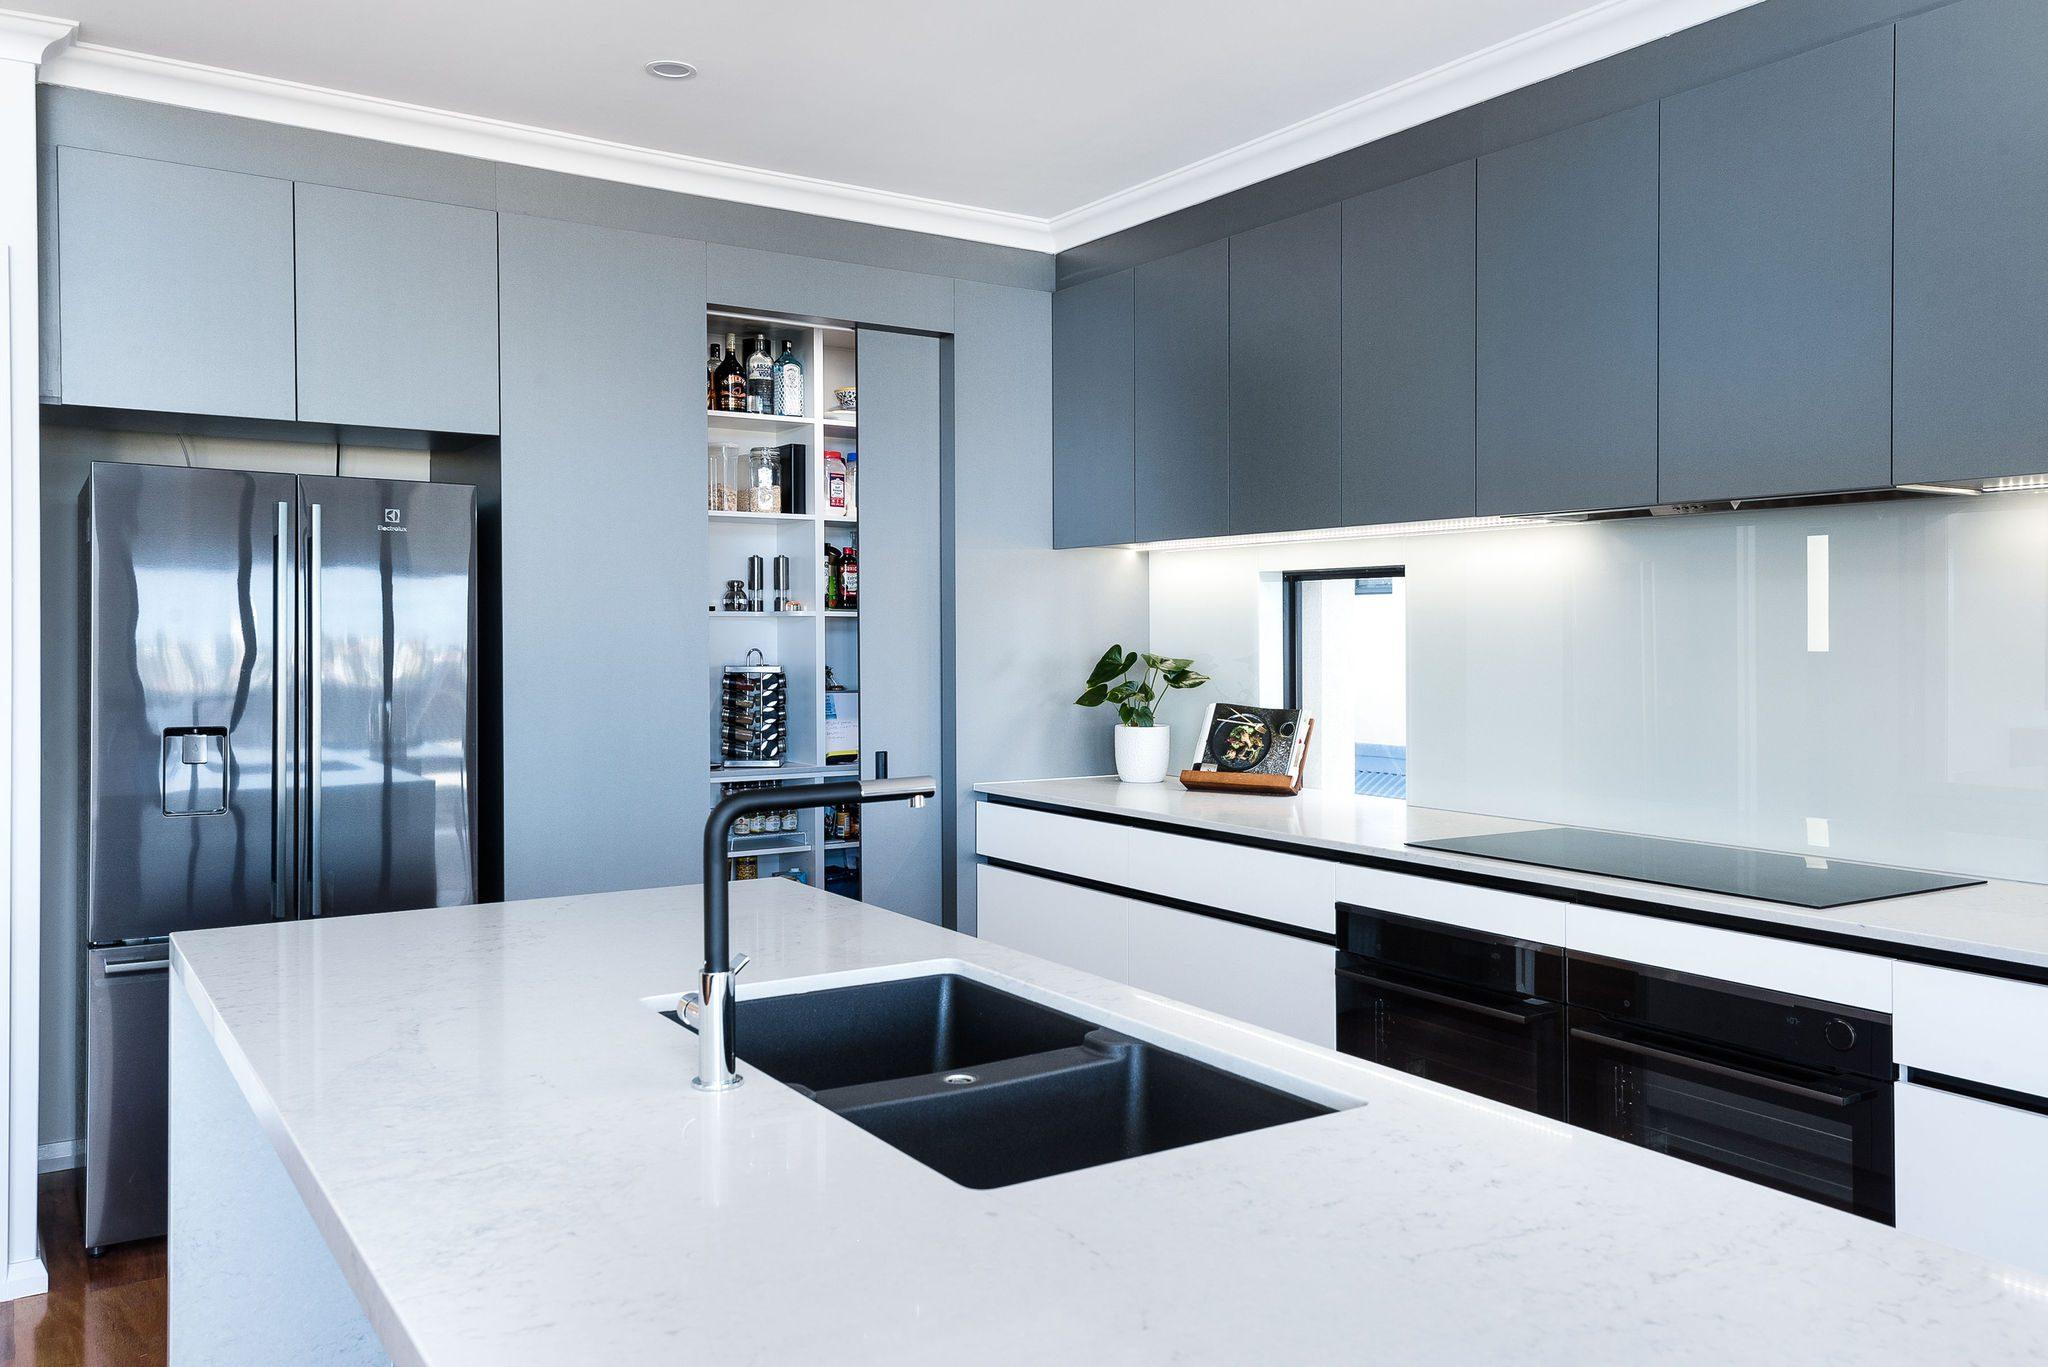 black-sink-tapware-caesarstone-benchtops